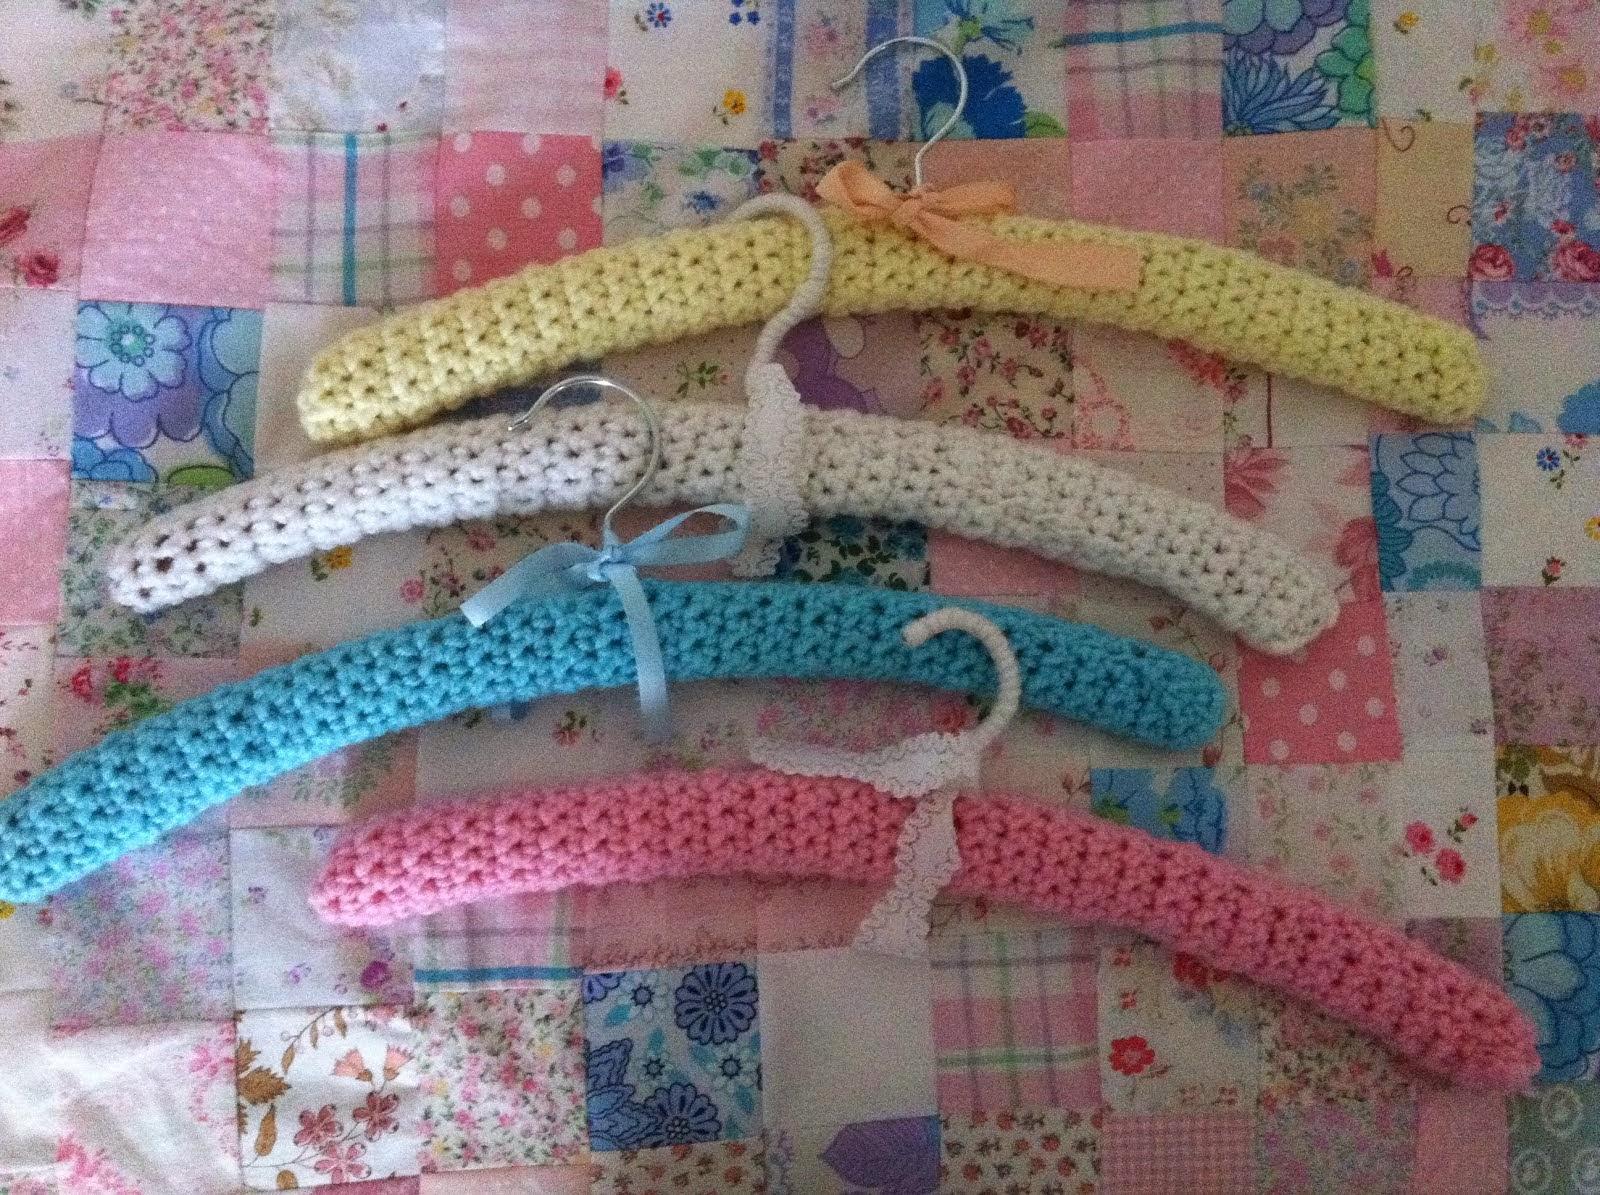 Pretty crochet hangers